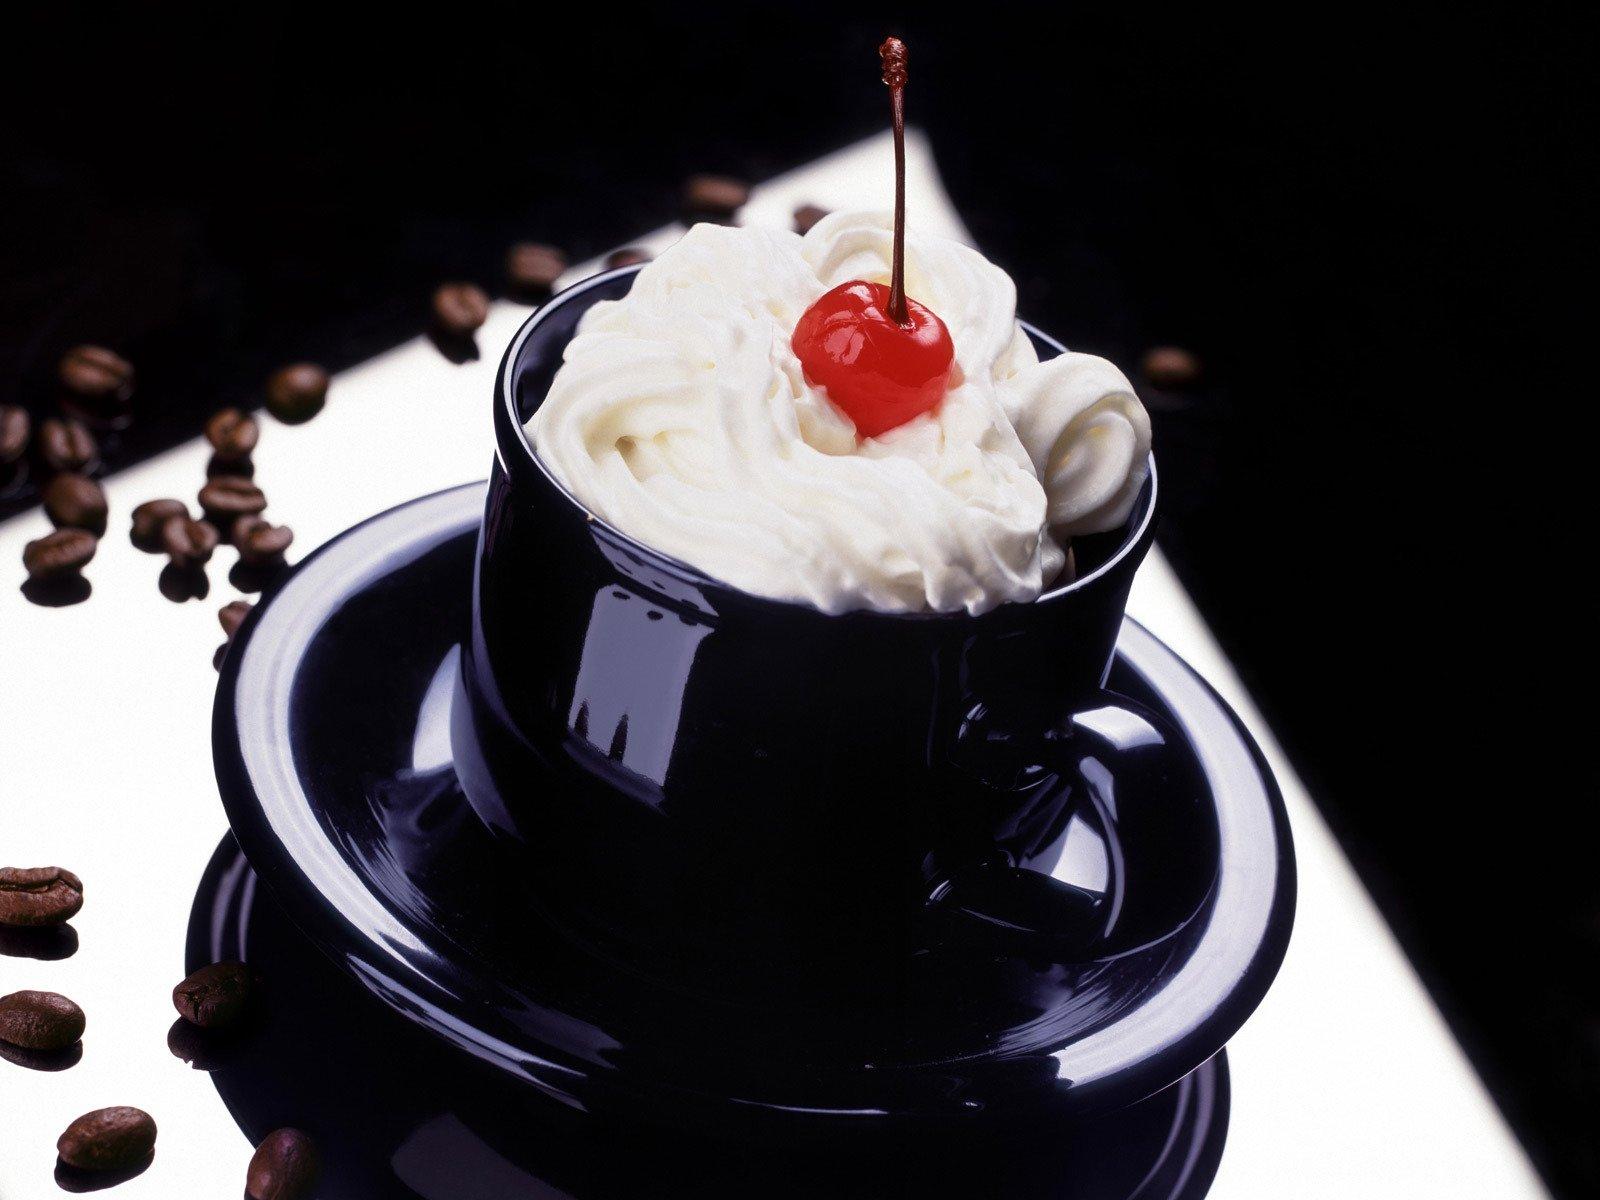 кофе со сладостями  № 140290 без смс